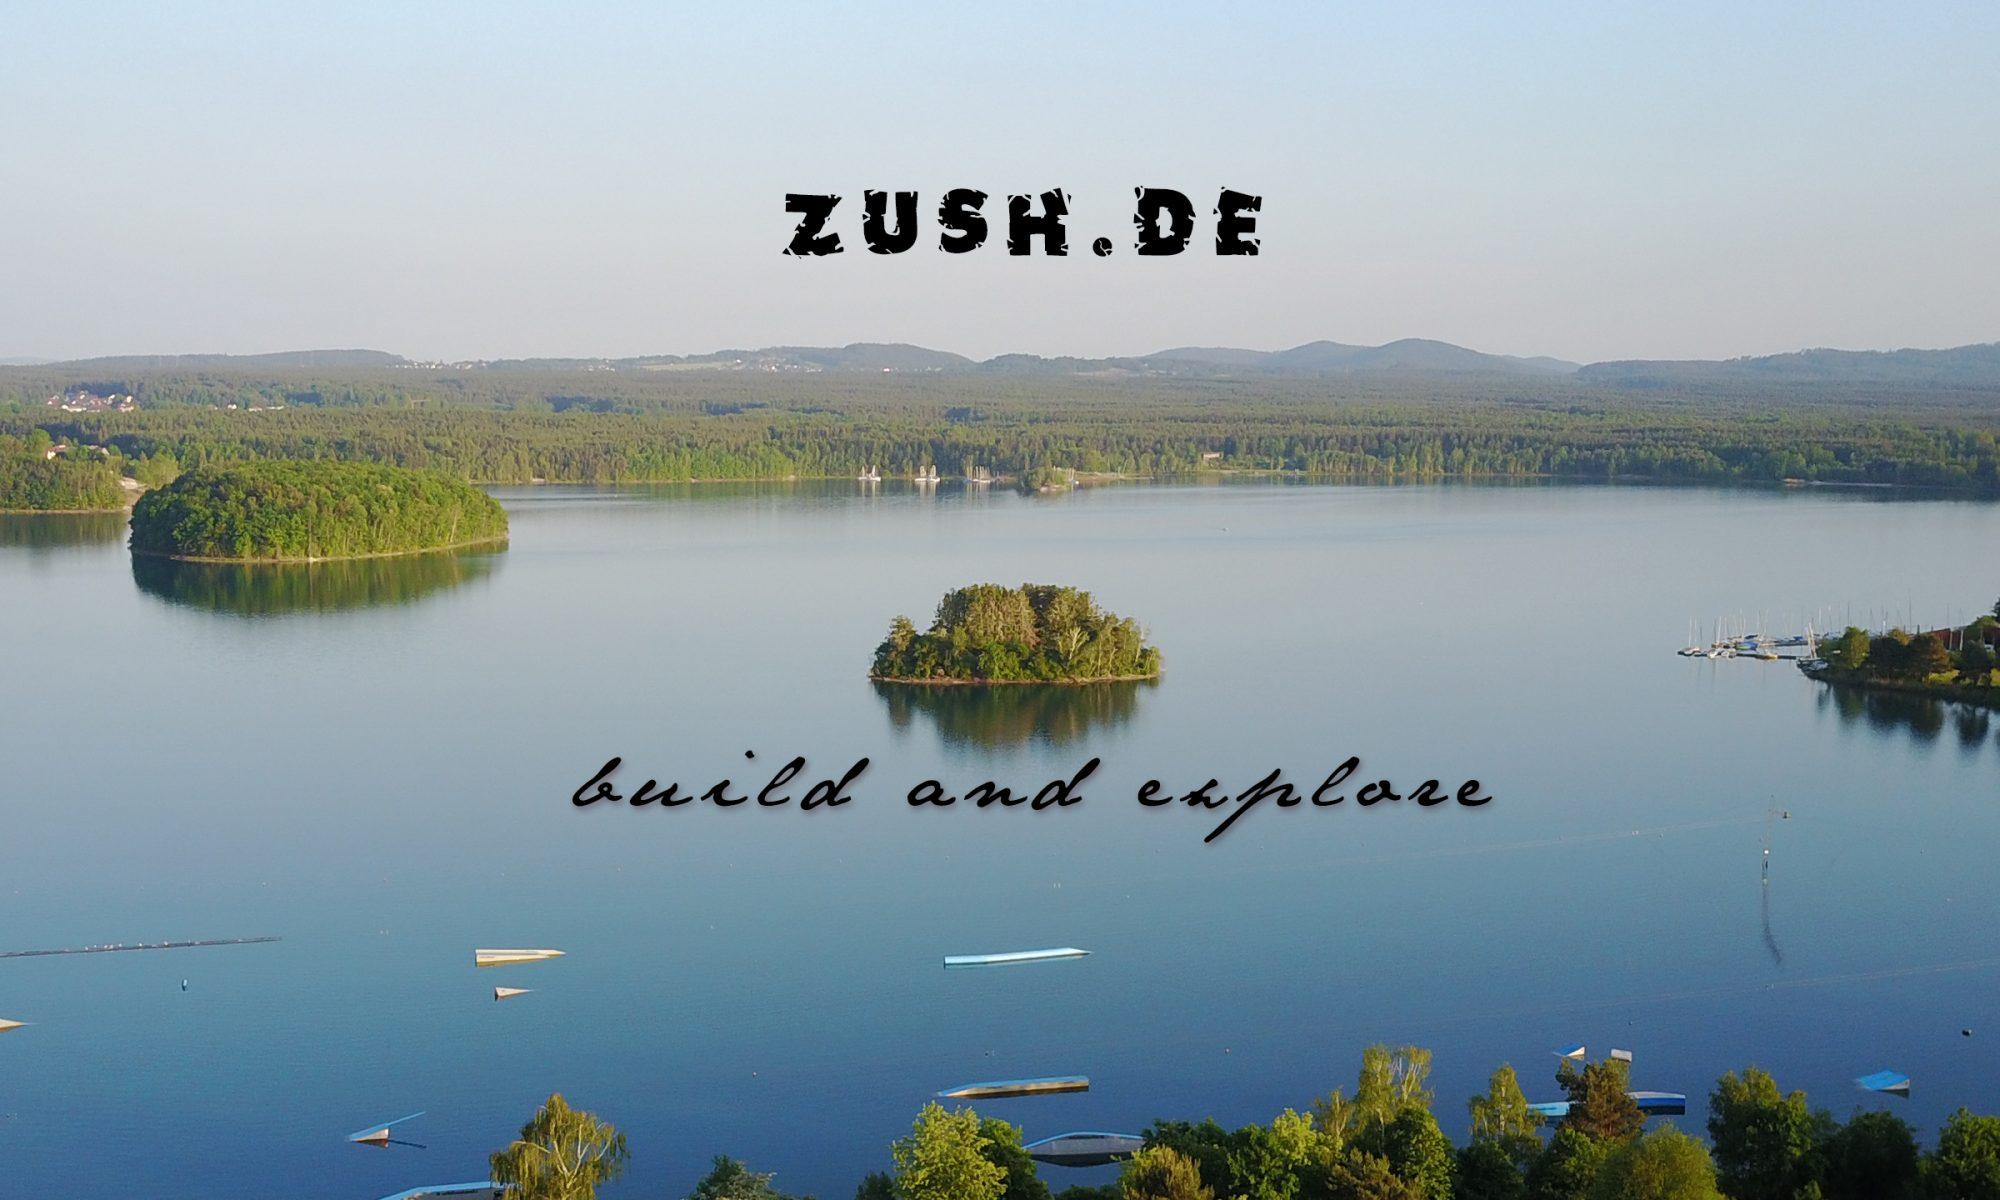 zush.de